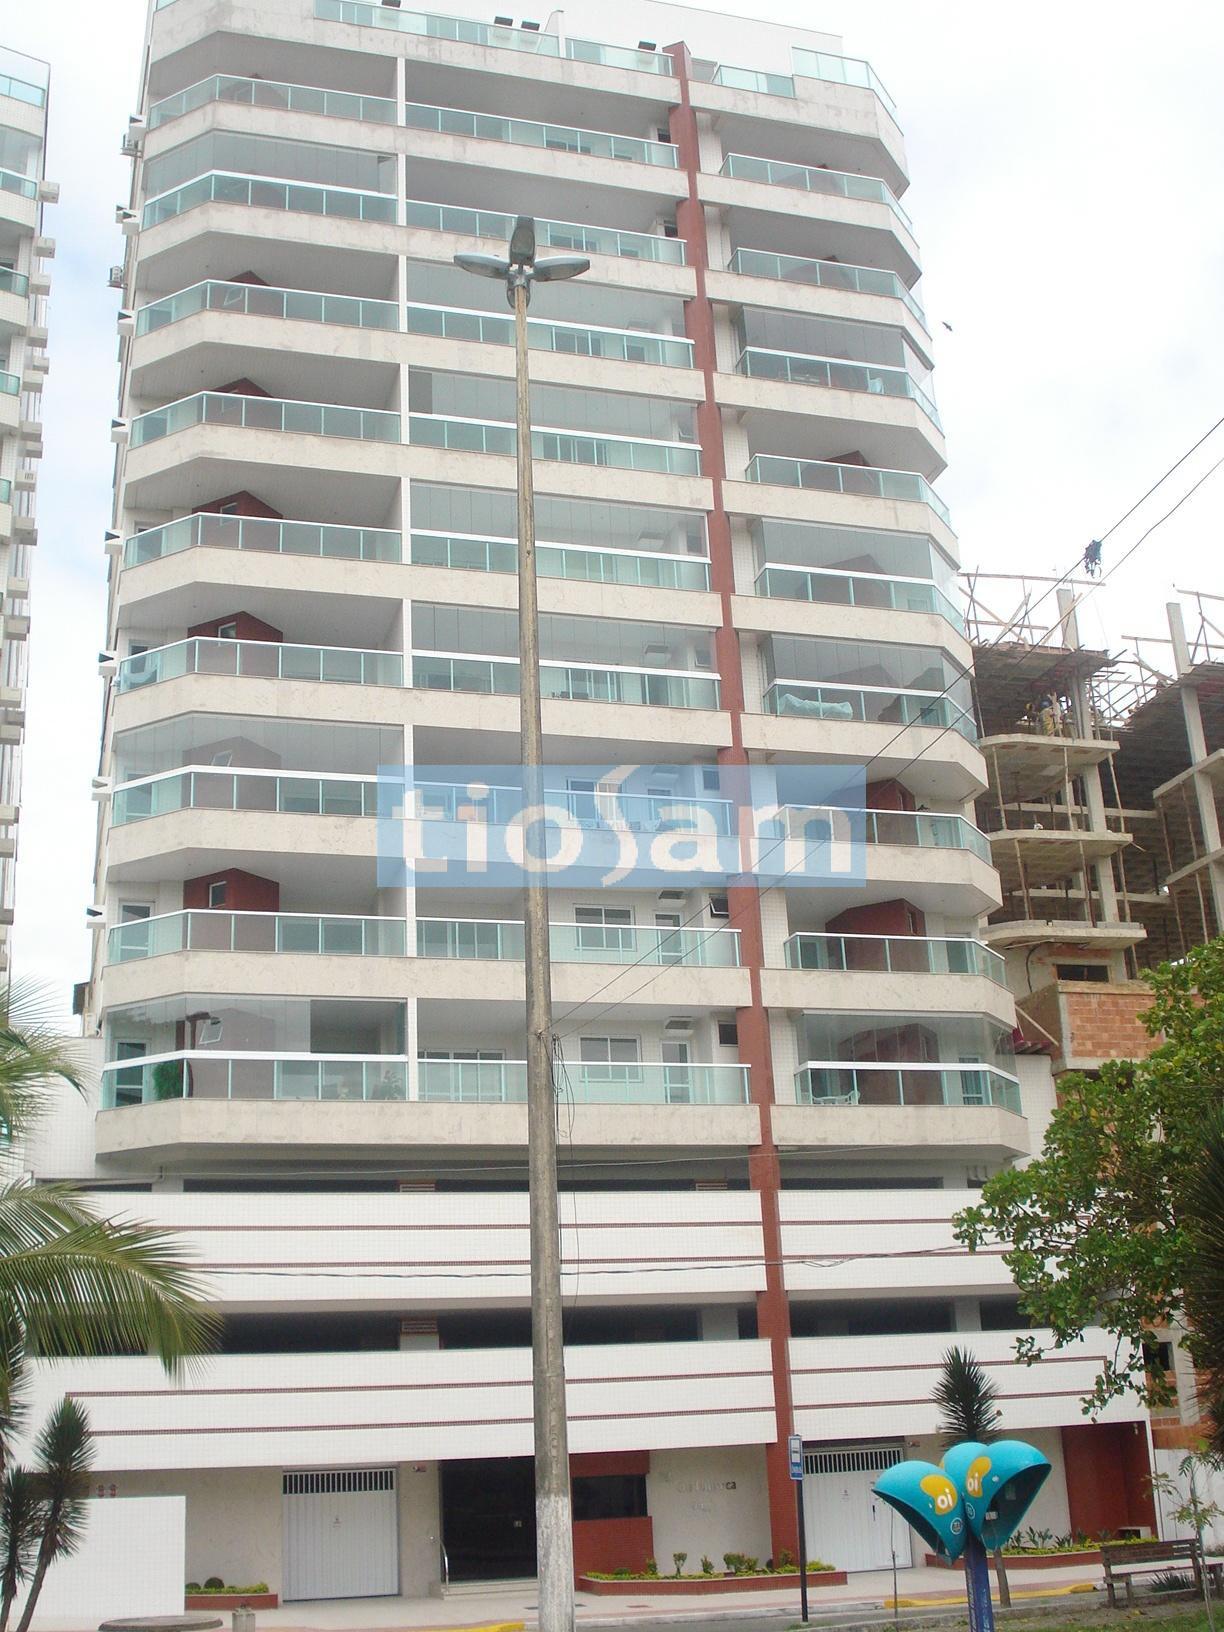 Edifício Oly Fonseca área externa apartamento 2 quartos quadra do mar Praia do Morro Guarapari ES